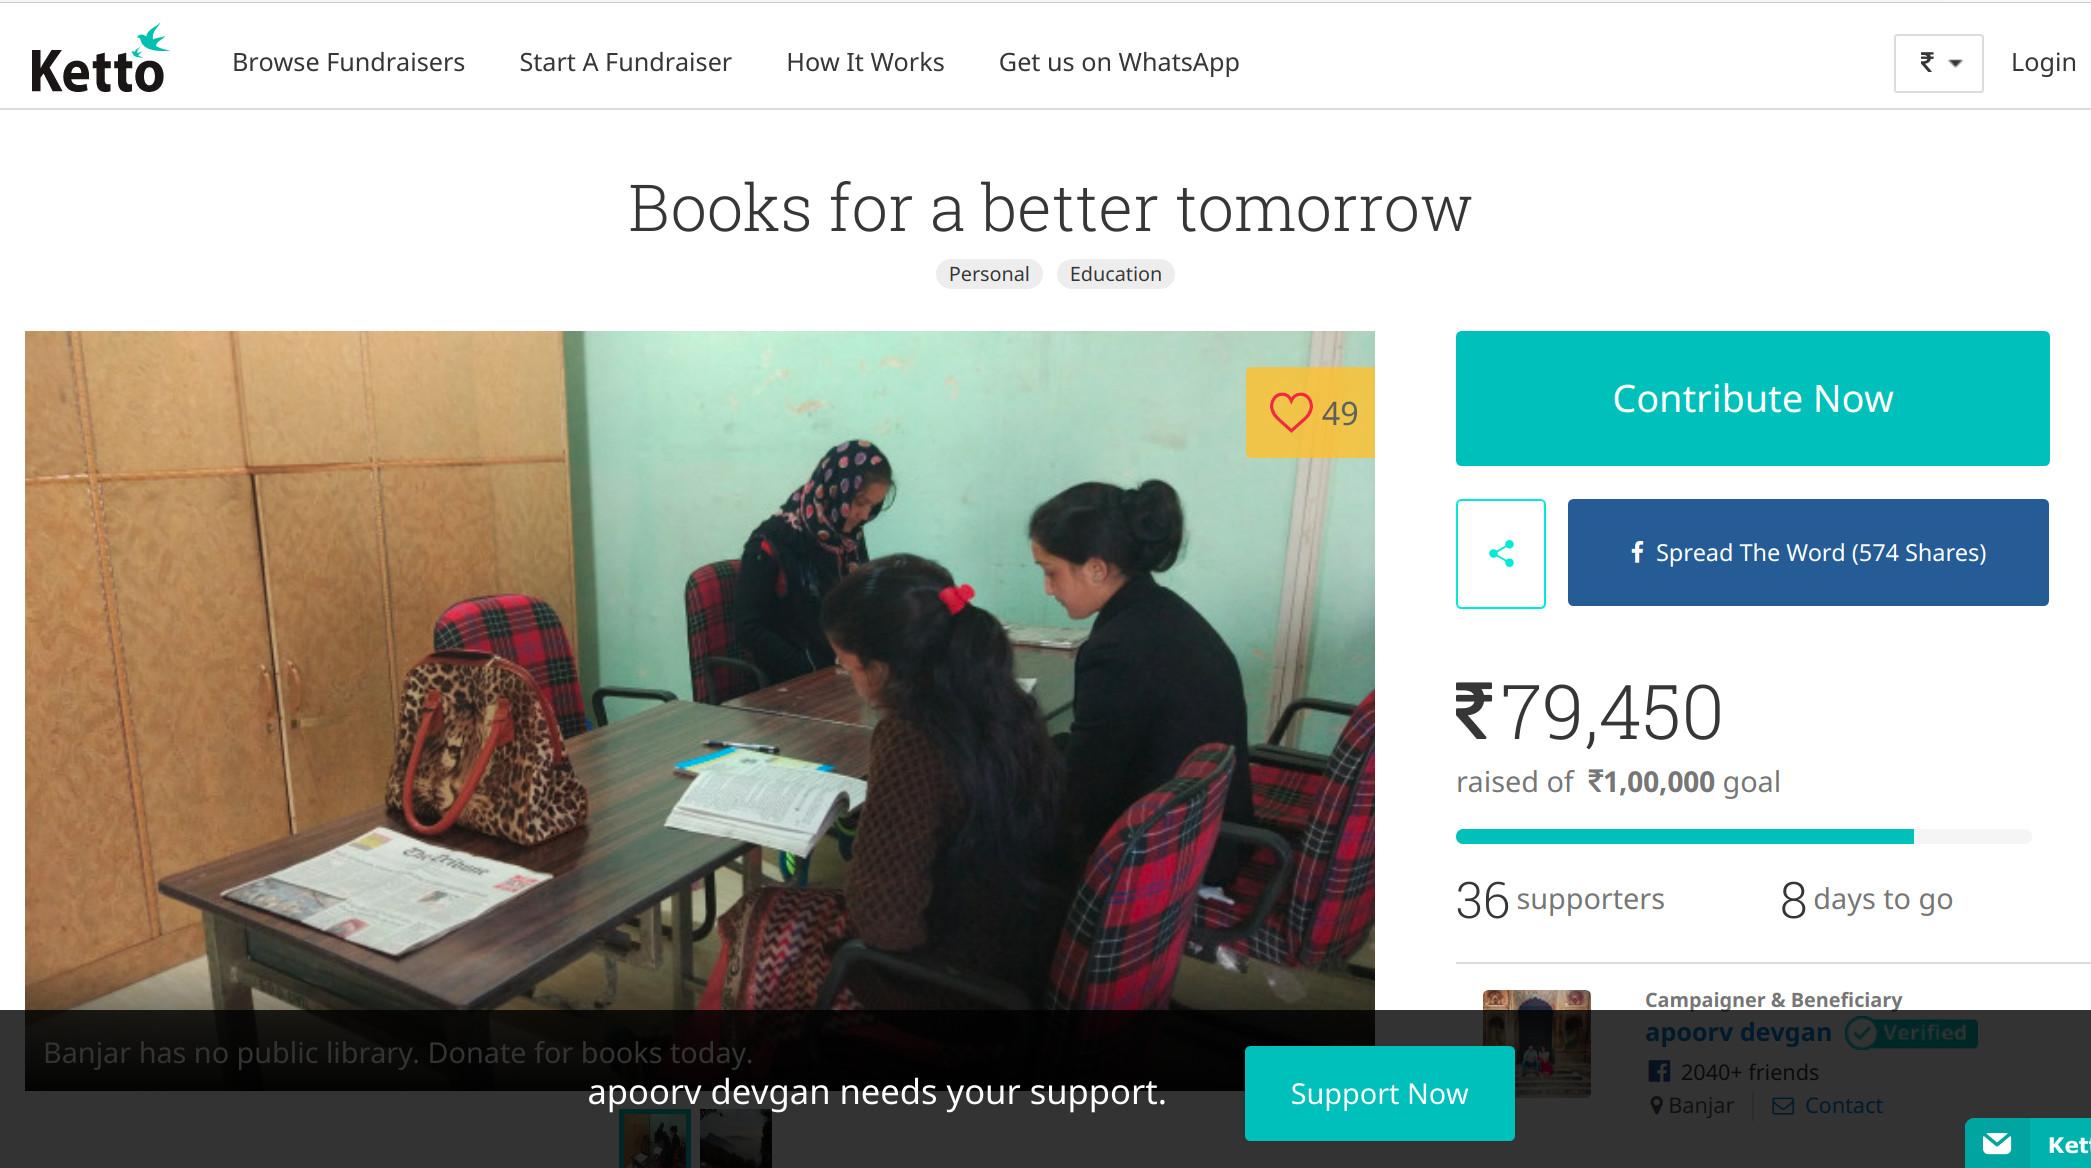 ketto.org पर बंजार के एसडीएम द्वारा चलाए गए क्राउड-फंडिंग अभियान की झलक